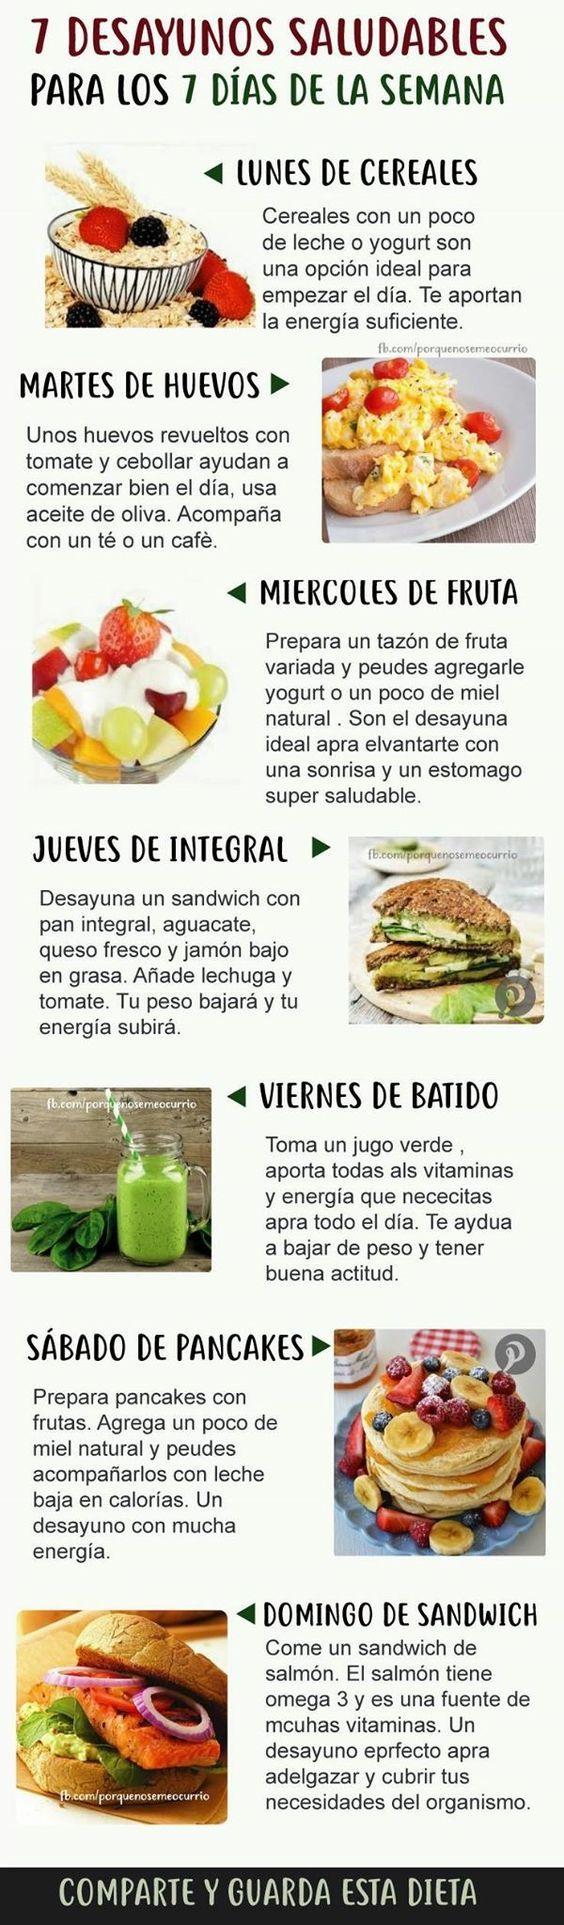 Desayunos Saludables Para 7 Dias De La Semana En 2021 Comida Comida Saludable Desayuno Comida Nutritiva